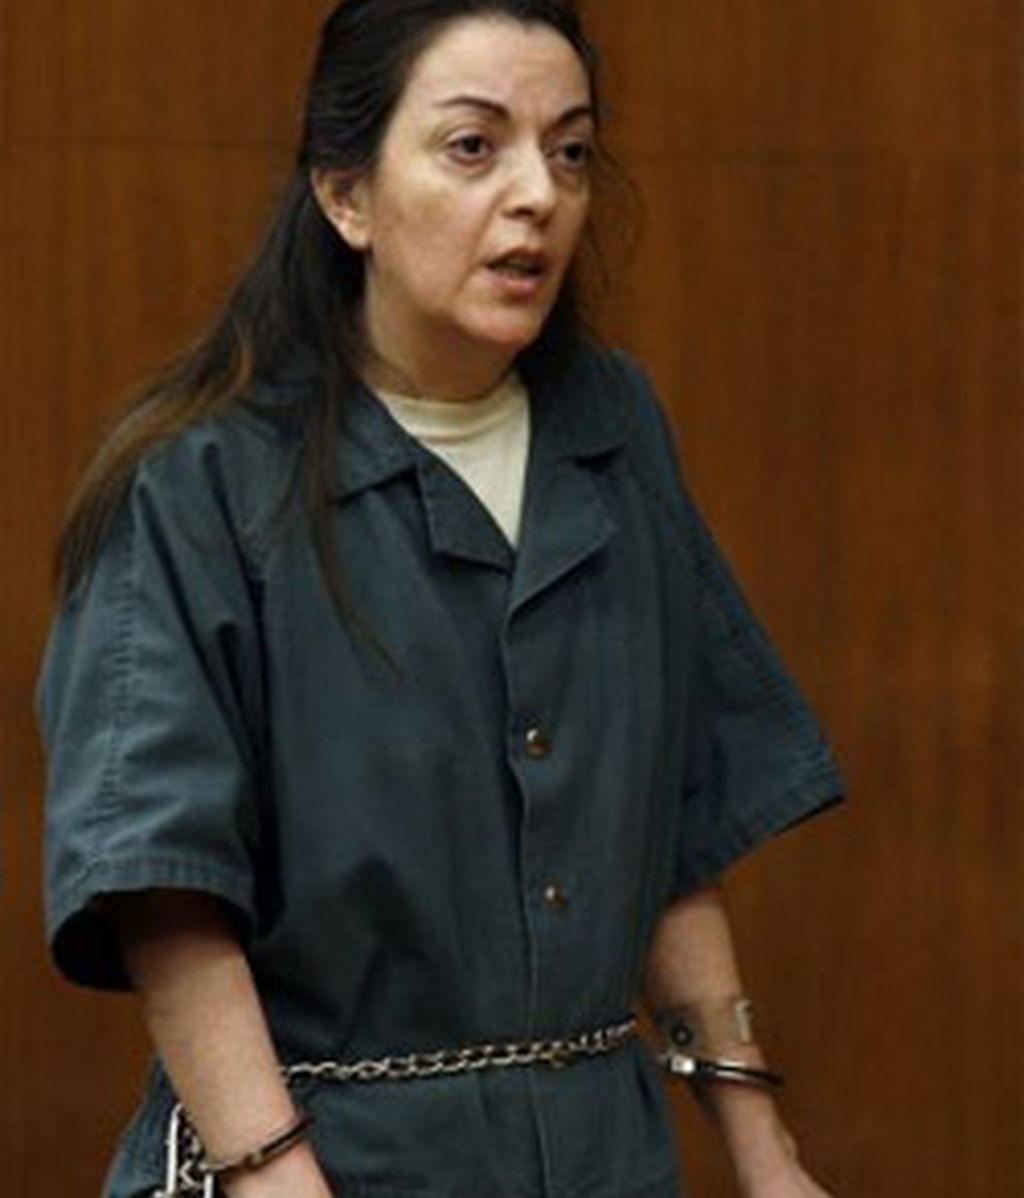 María José Carrascosa lleva dos años y tres meses encarcelada en Estados Unidos por una disputa por la custodia de su hija. Vídeo: ATLAS